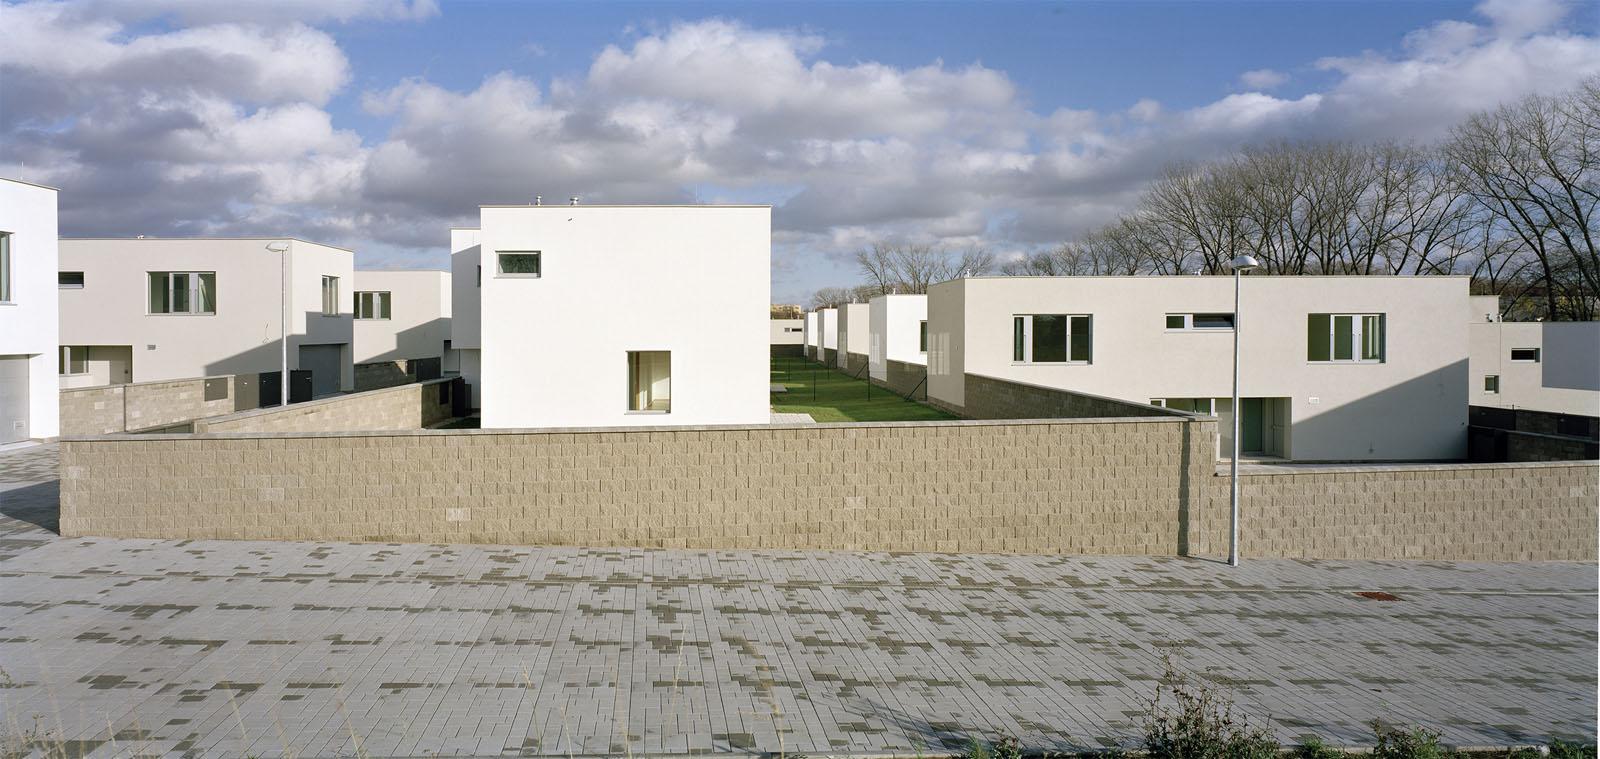 A.LT Architekti-obytný komplex Unhošť